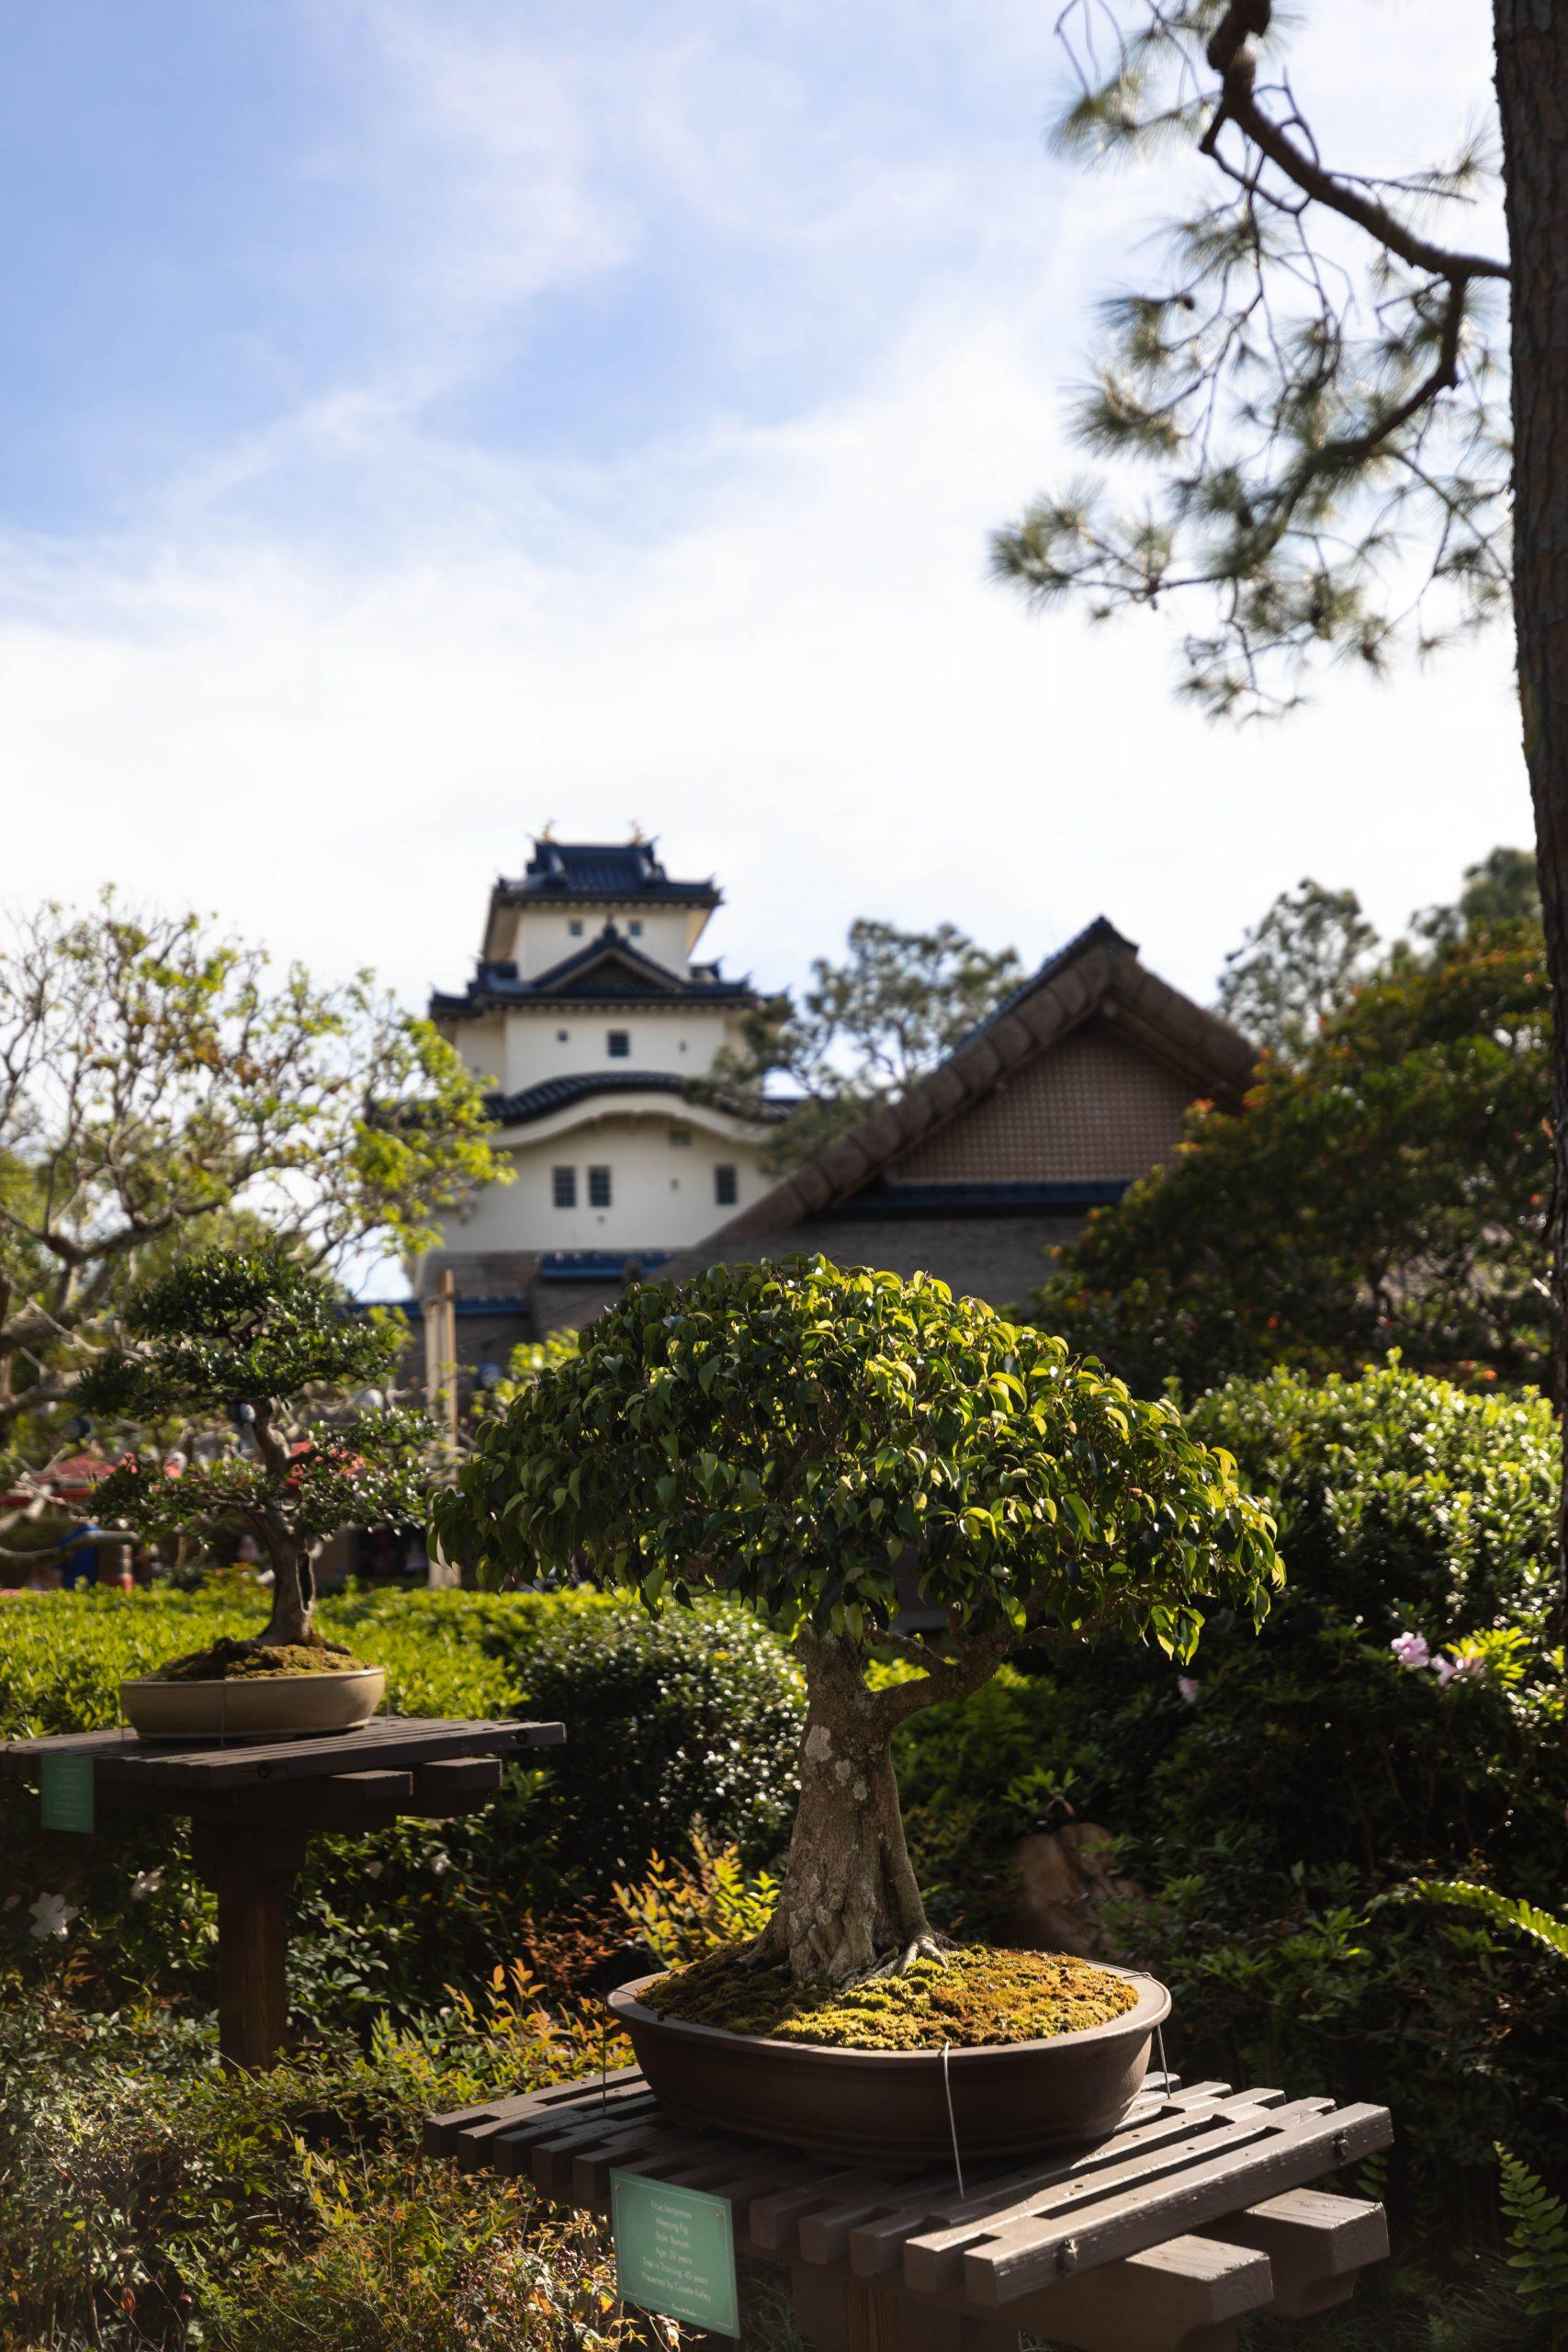 Japan Inside Epcot World Showcase Epcot International Flower & Garden Festival by Annie Fairfax